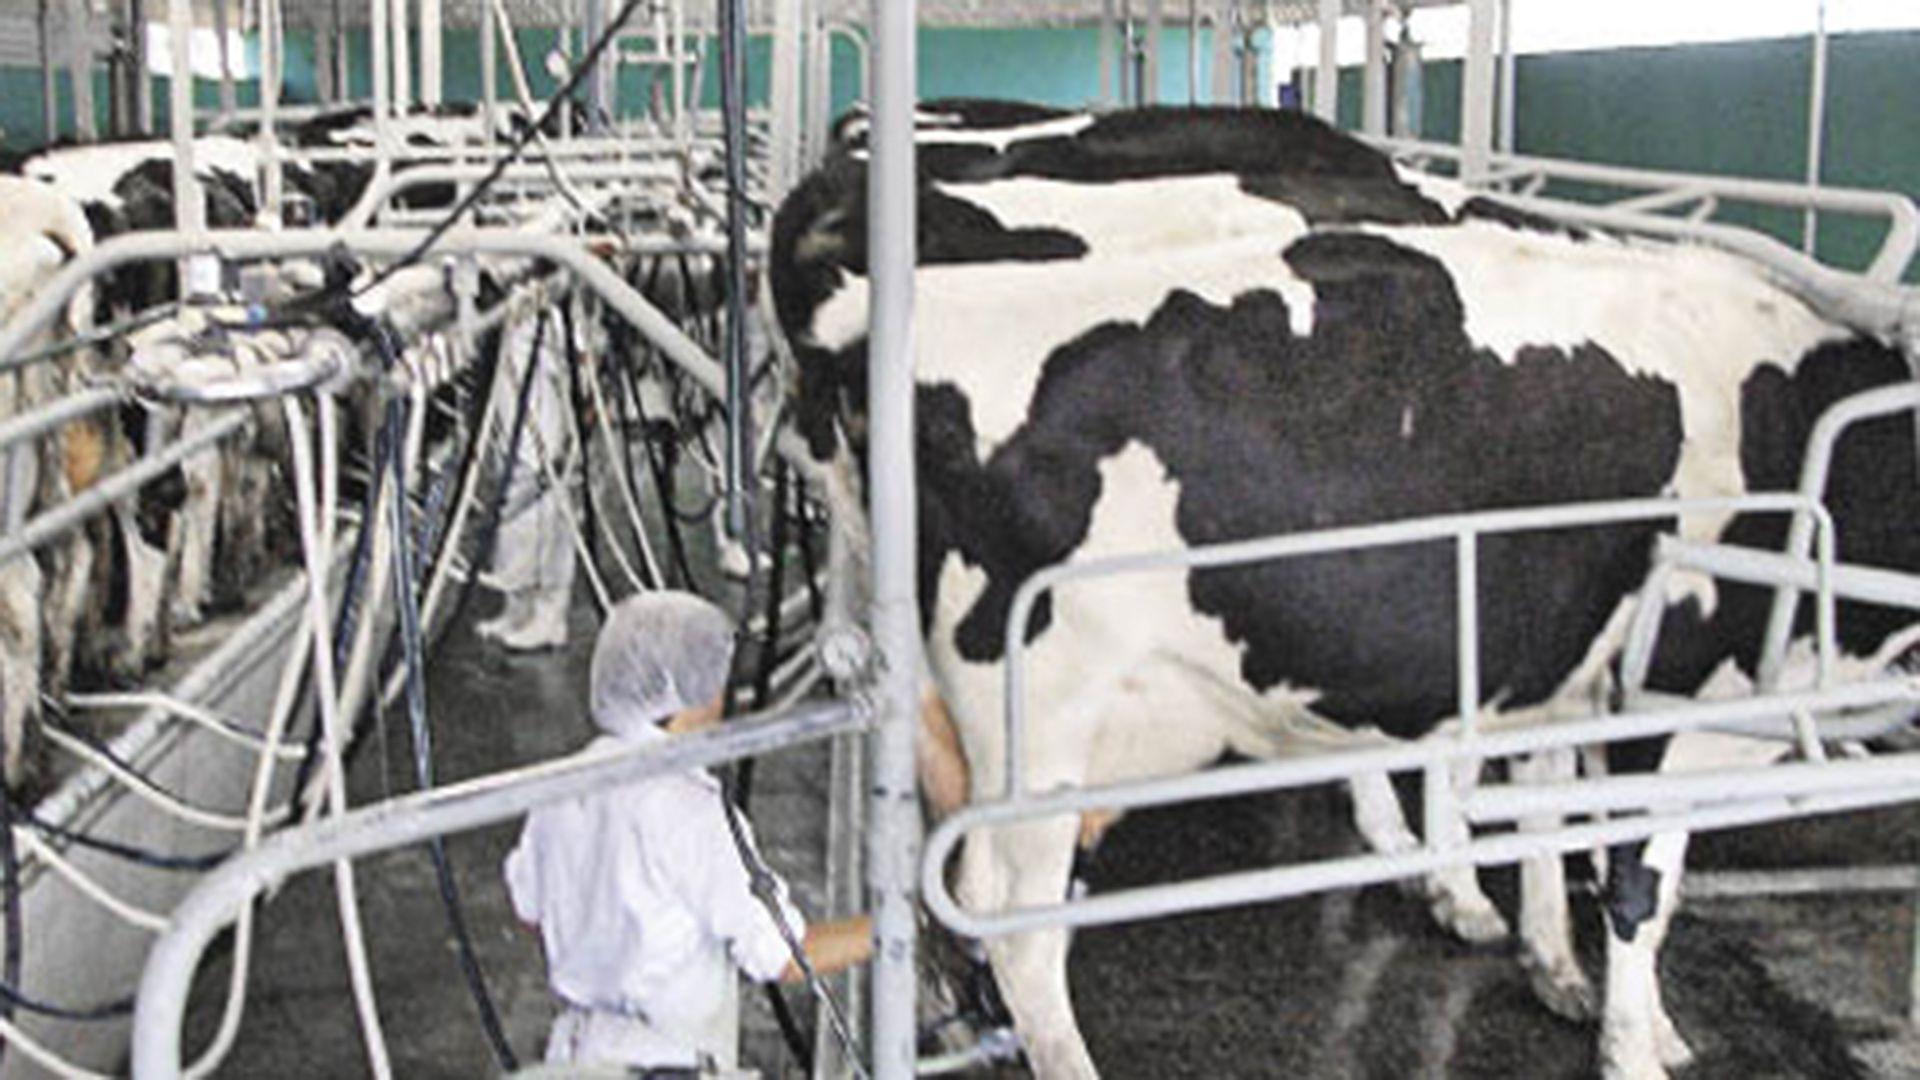 La lechería sigue en nivele de crisis.